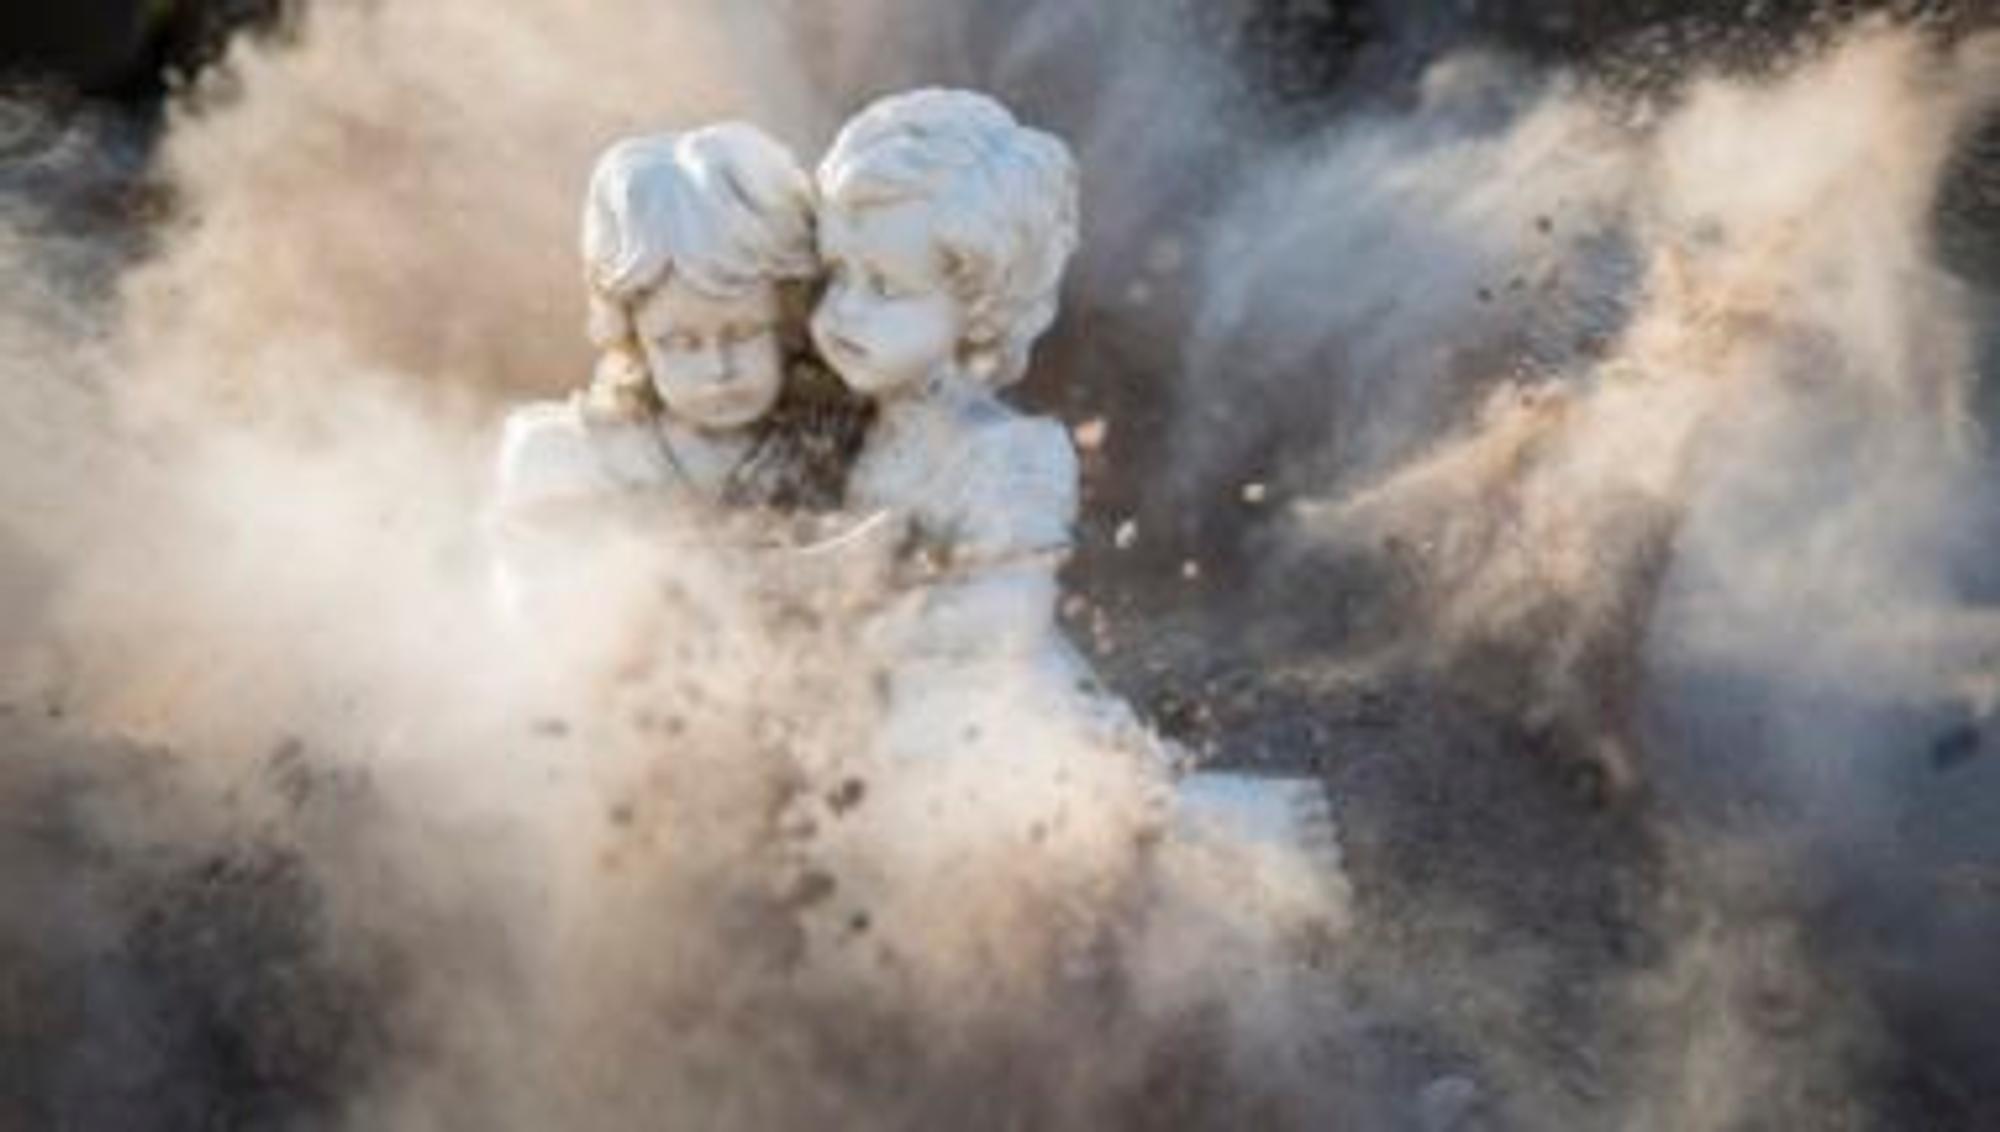 Engel aus Stein stehen im Staub